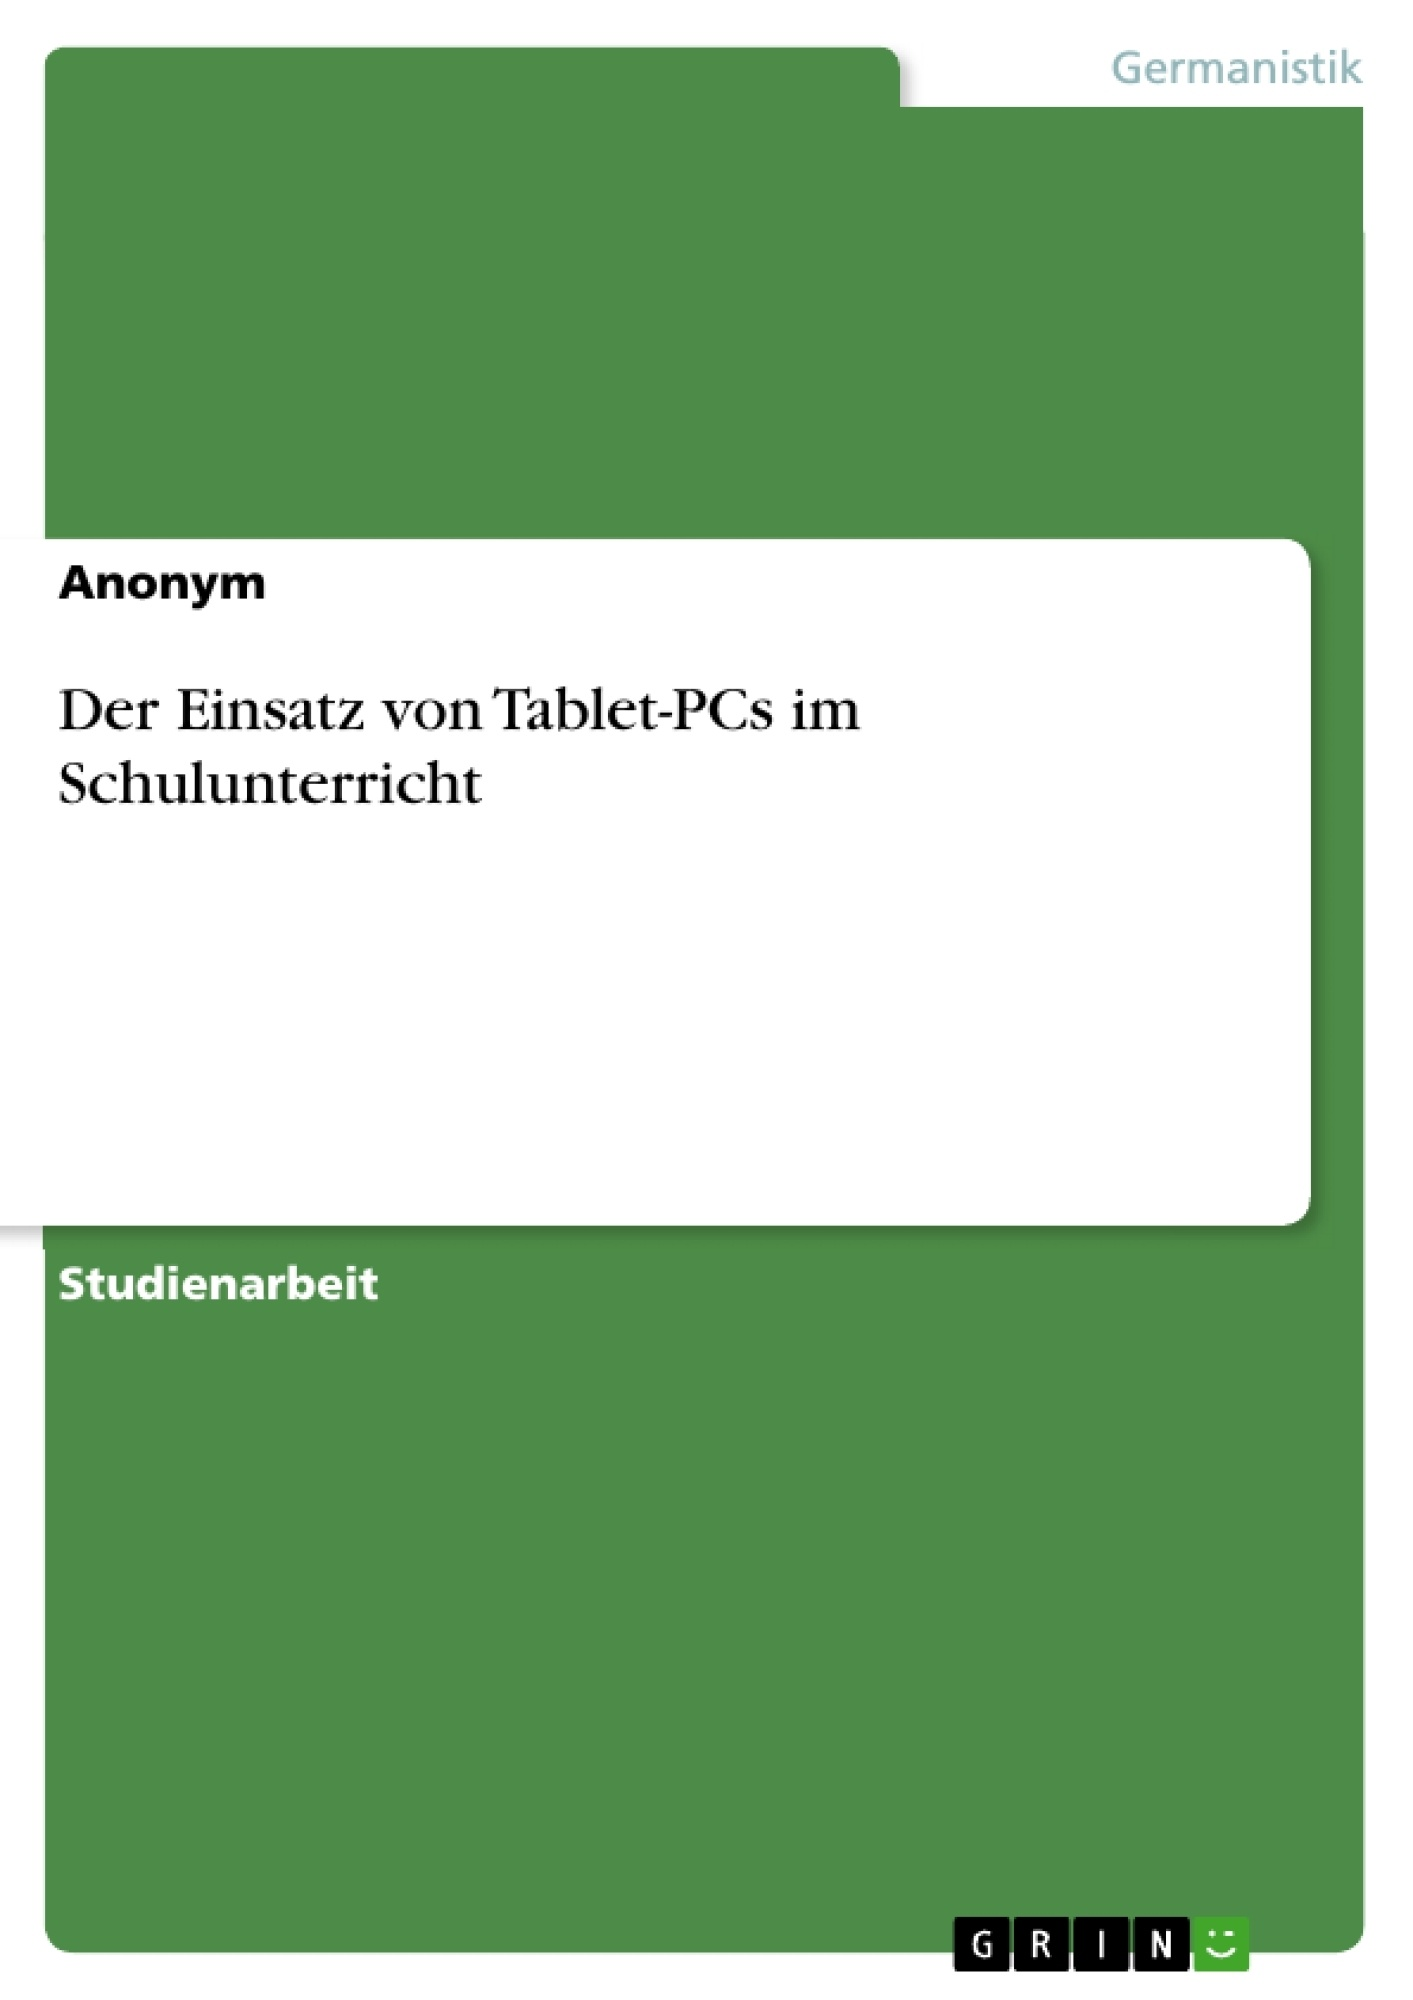 Titel: Der Einsatz von Tablet-PCs im Schulunterricht